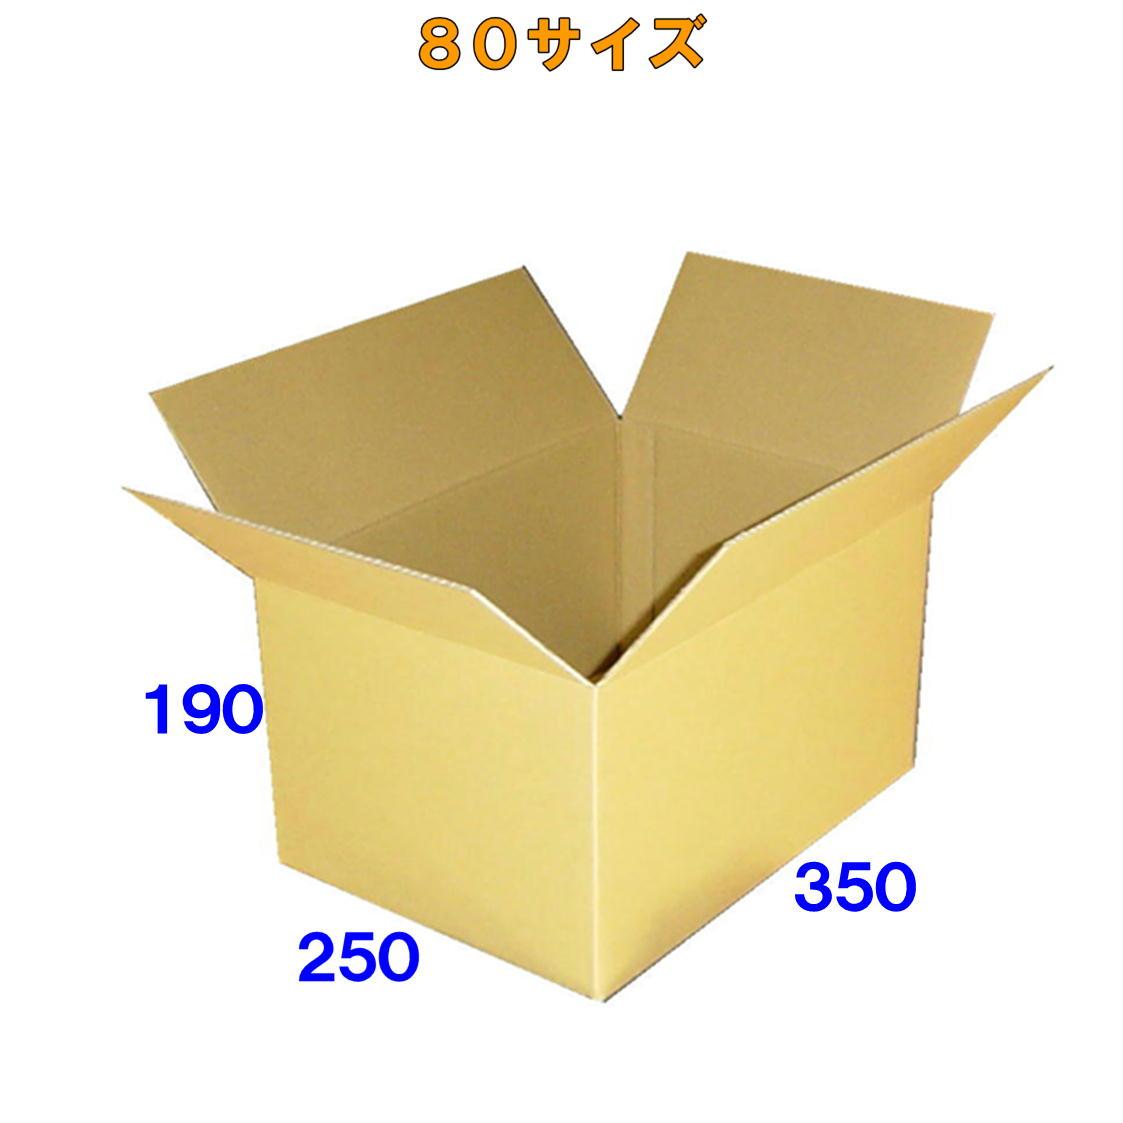 【法人様向け】80サイズダンボール 箱 80枚